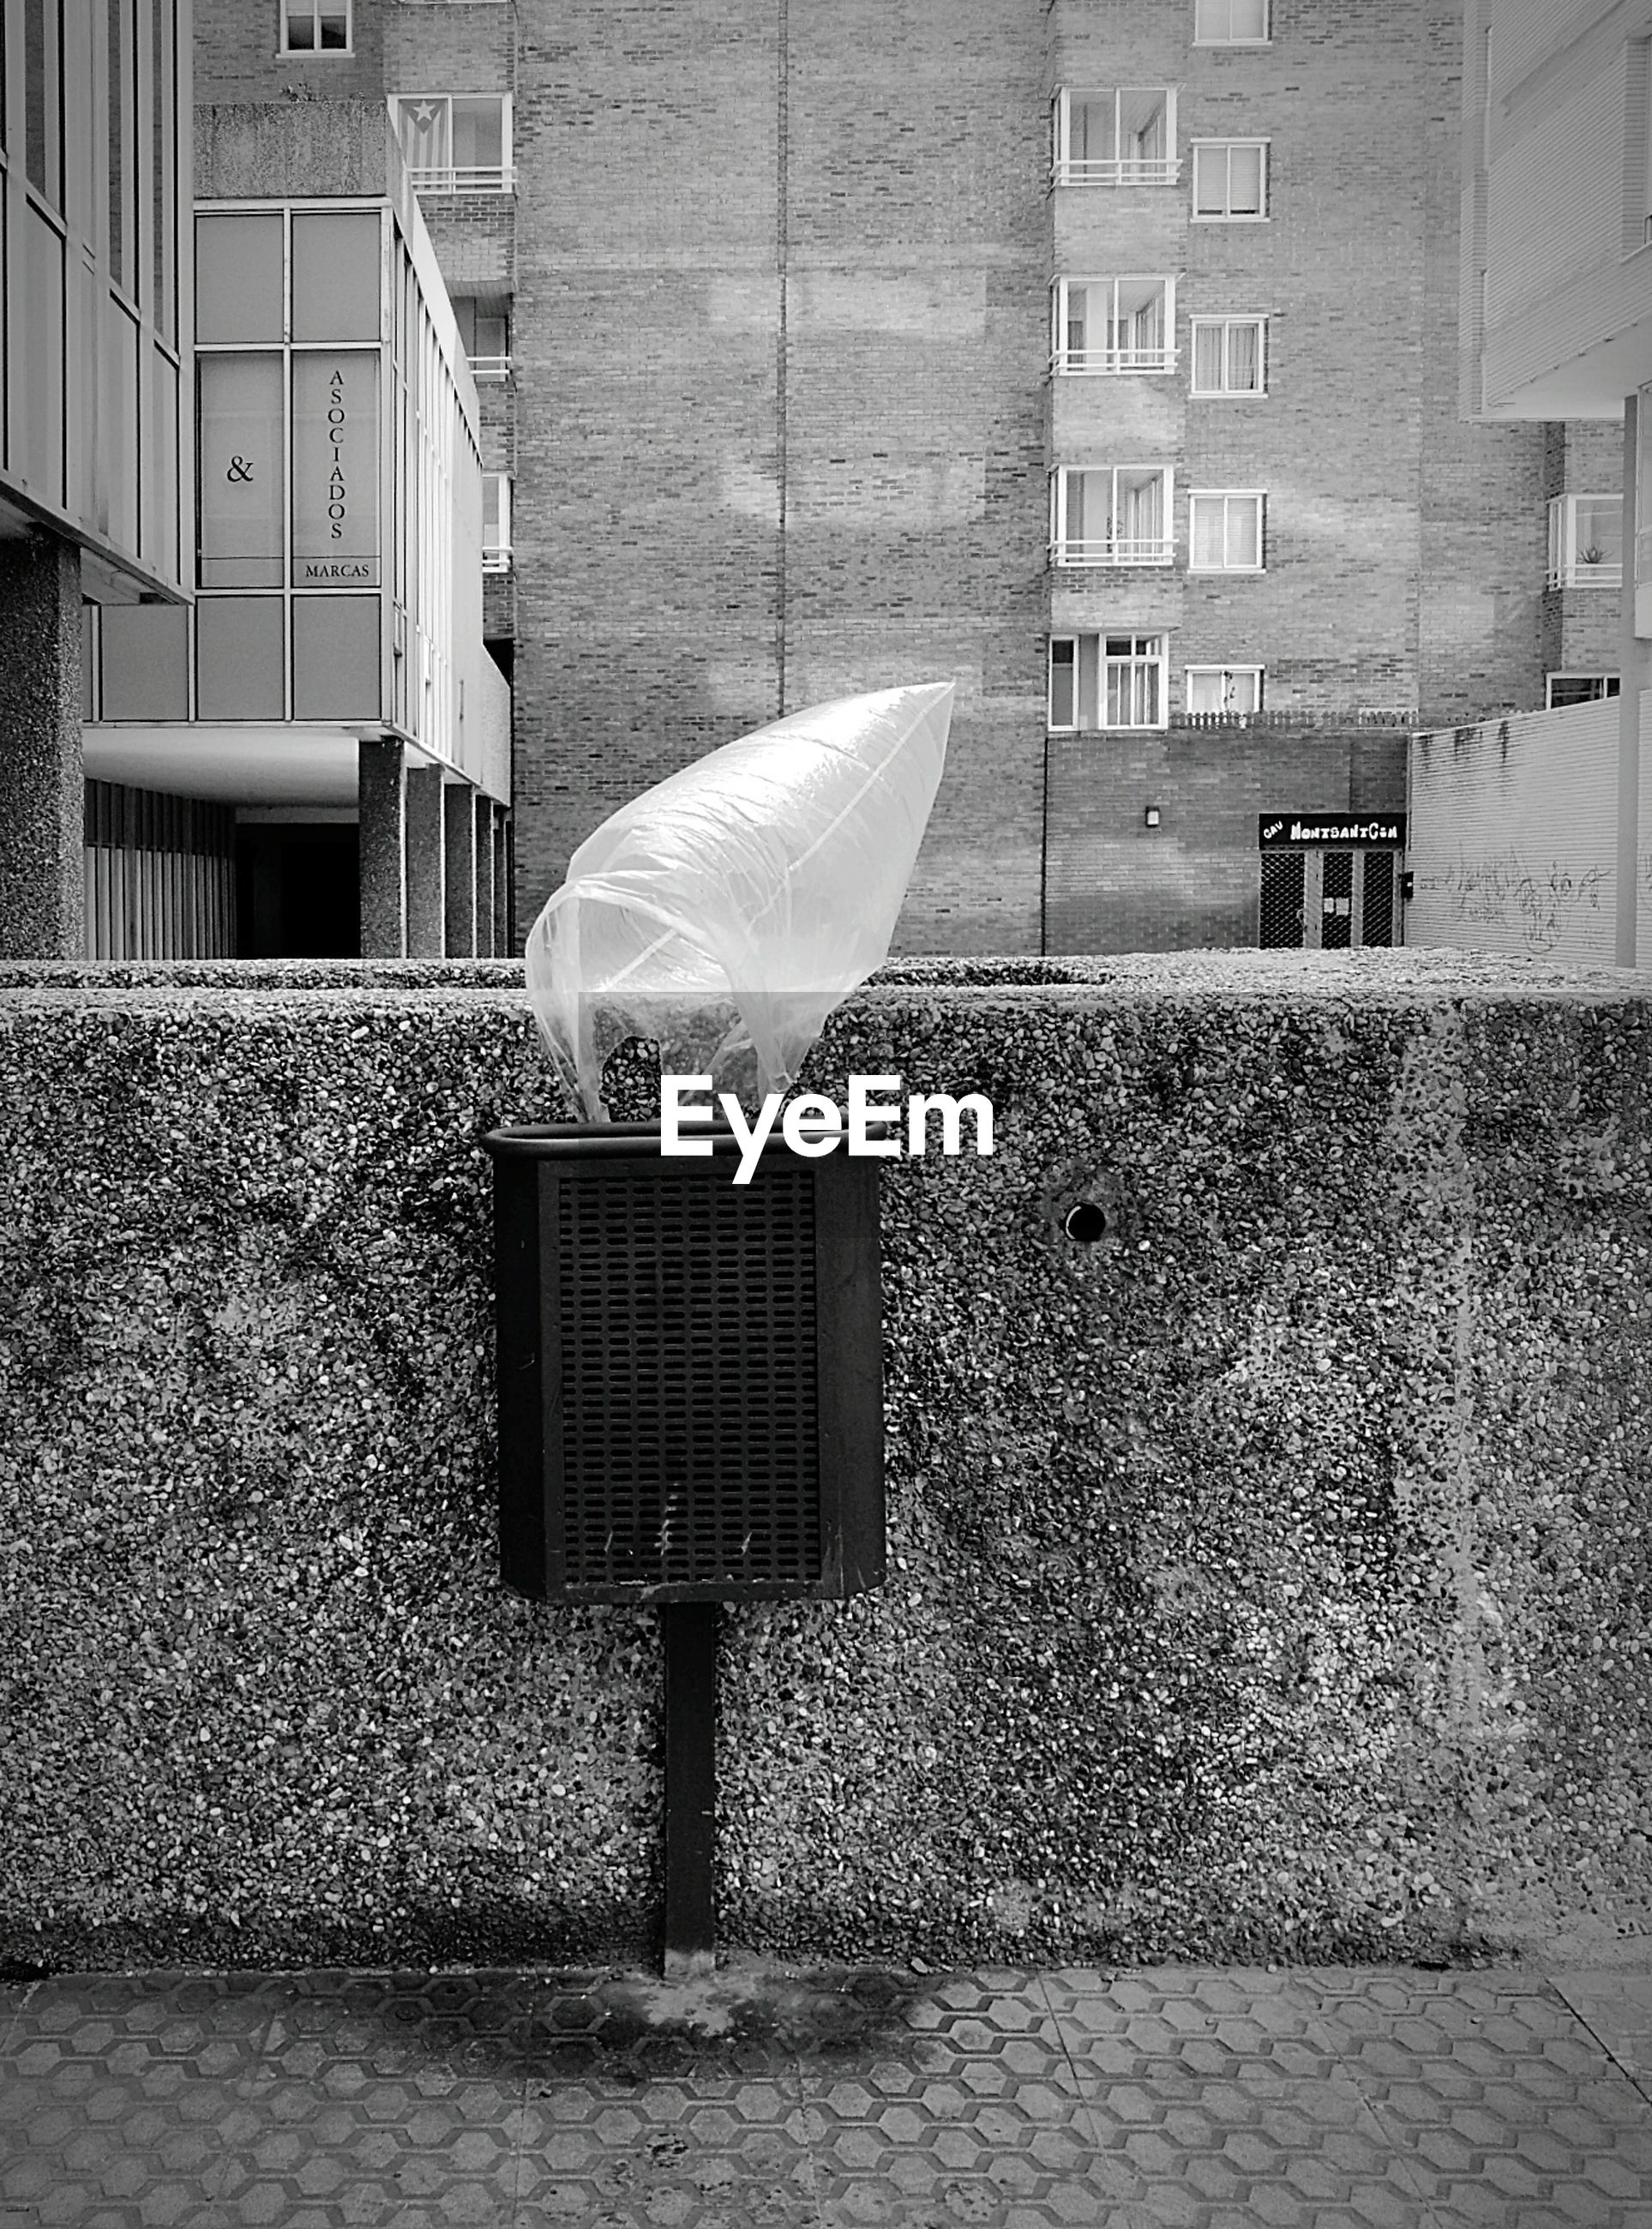 Plastic bag blowing against buildings